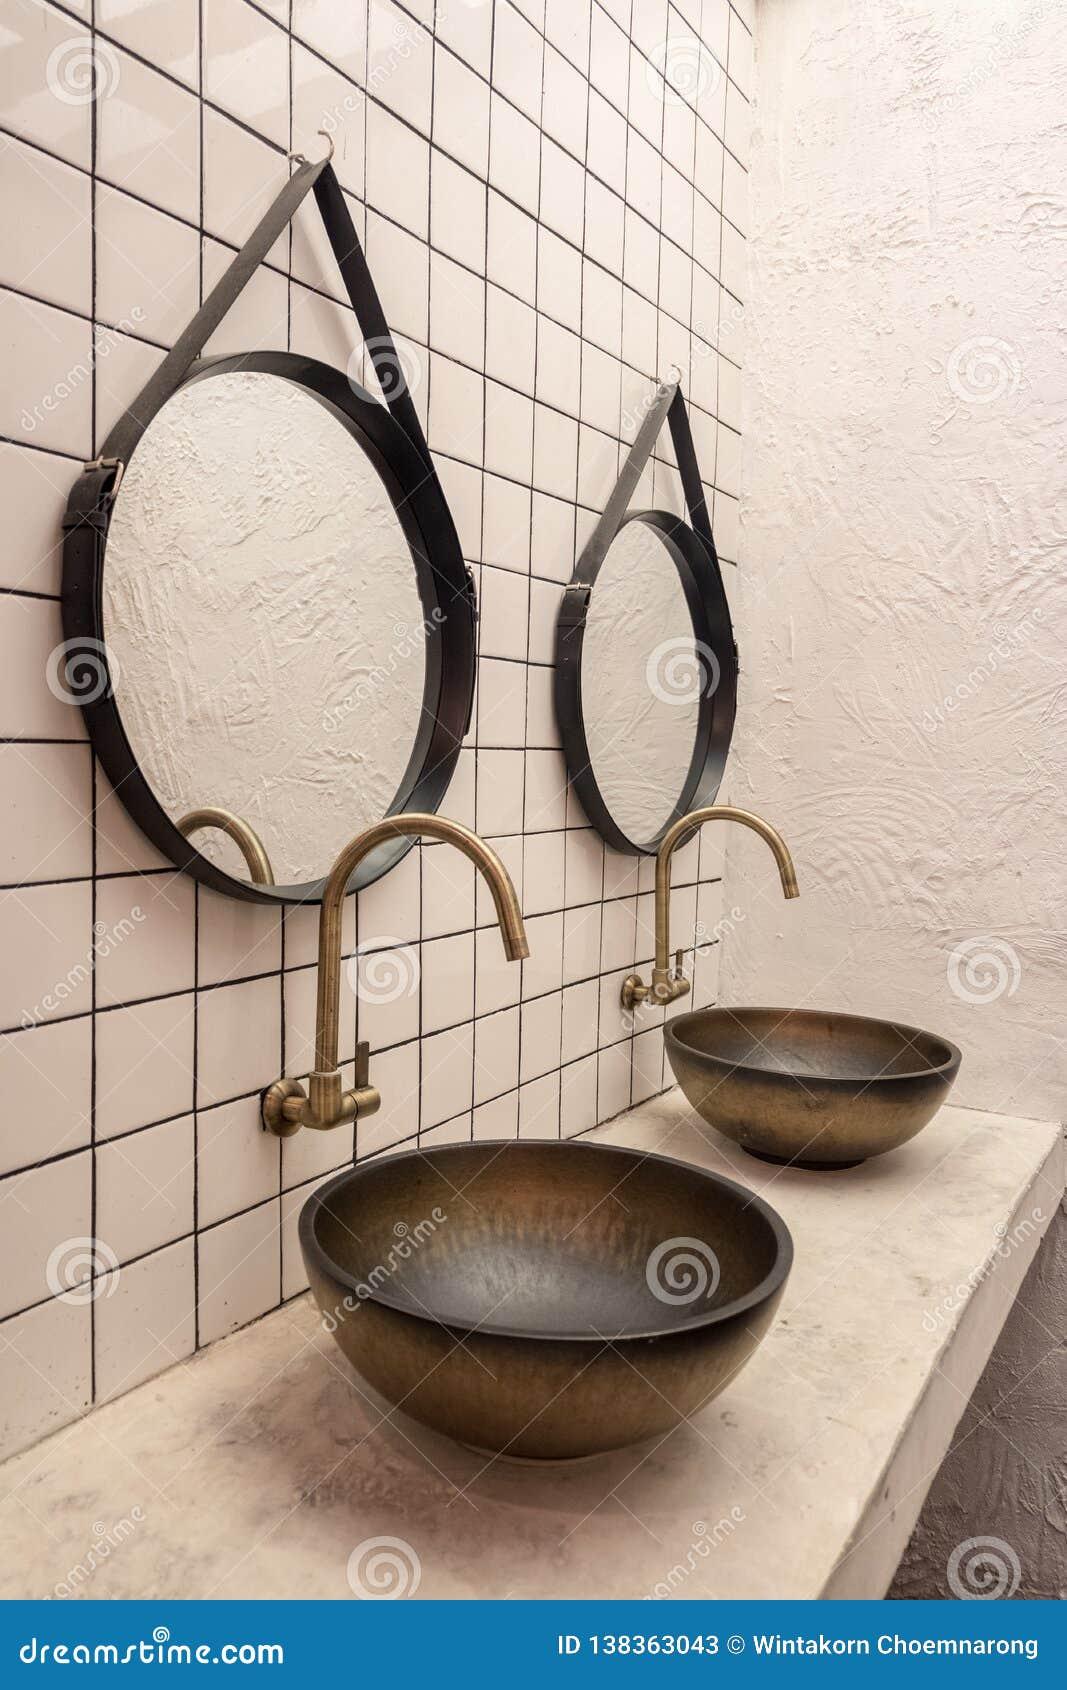 Классический дизайн bathroom с золотым водопроводным краном, старой раковиной и ретро зеркалом